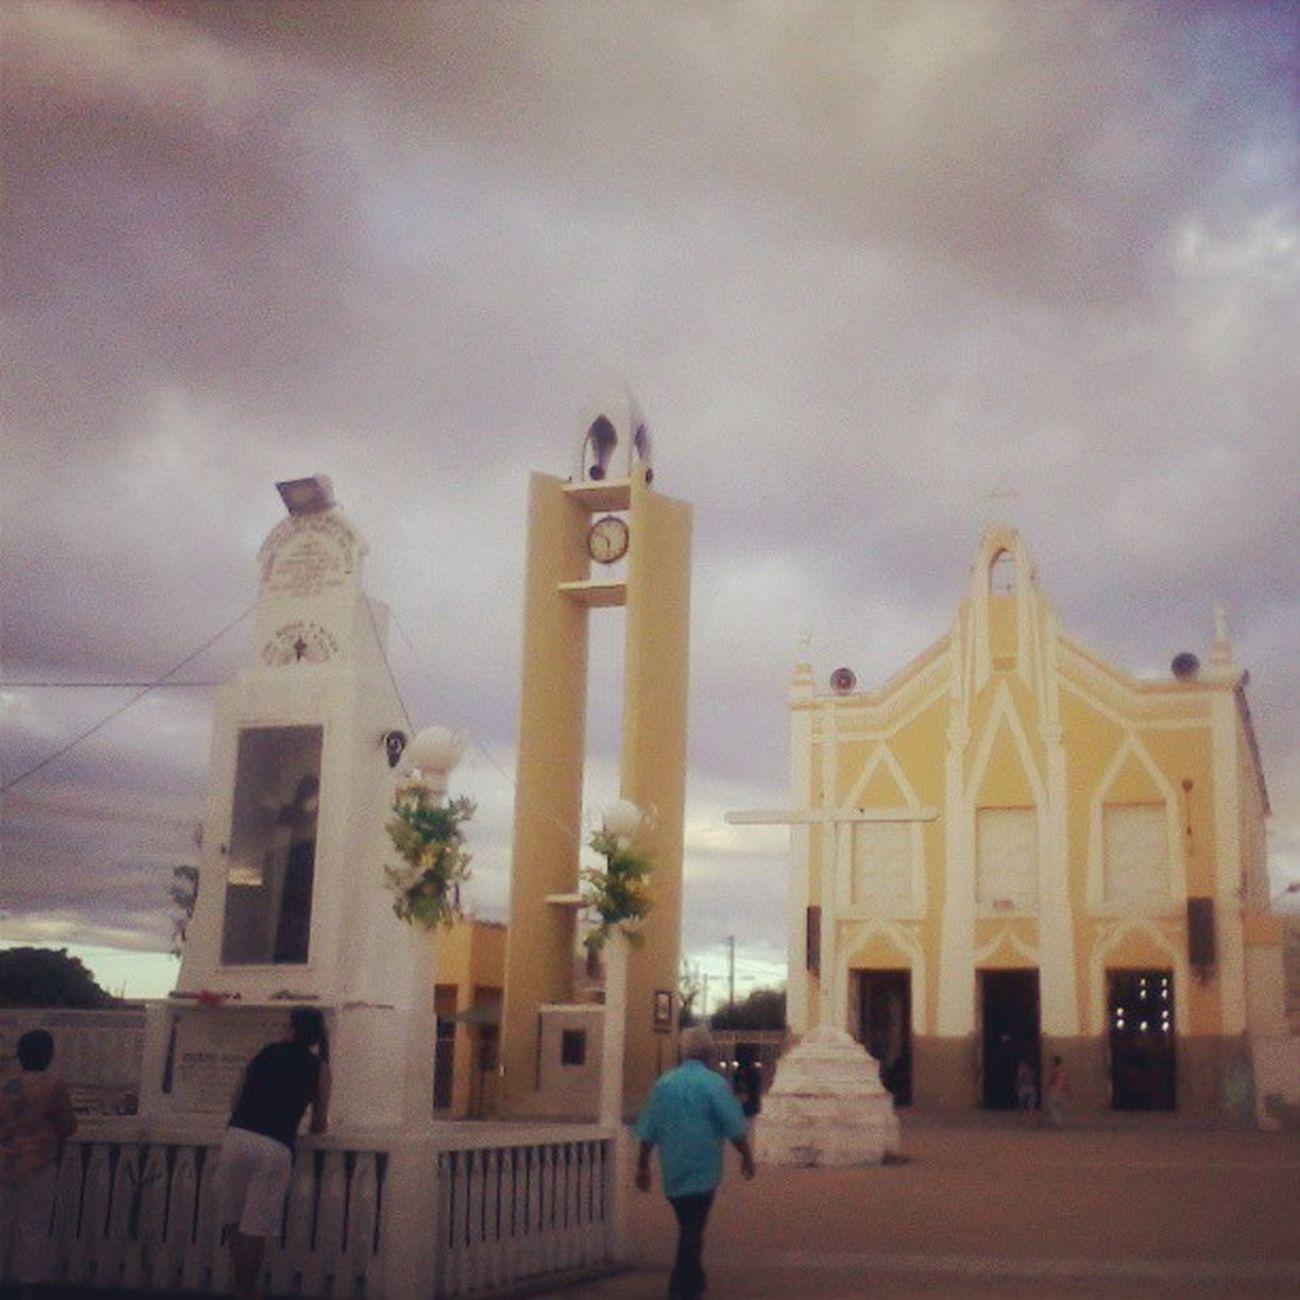 Capela do Socorro Turismo Roteiro JuazeiroDoNorte Cariri Ceará Fé Igreja CapelaDoSocorro Rahhdantas